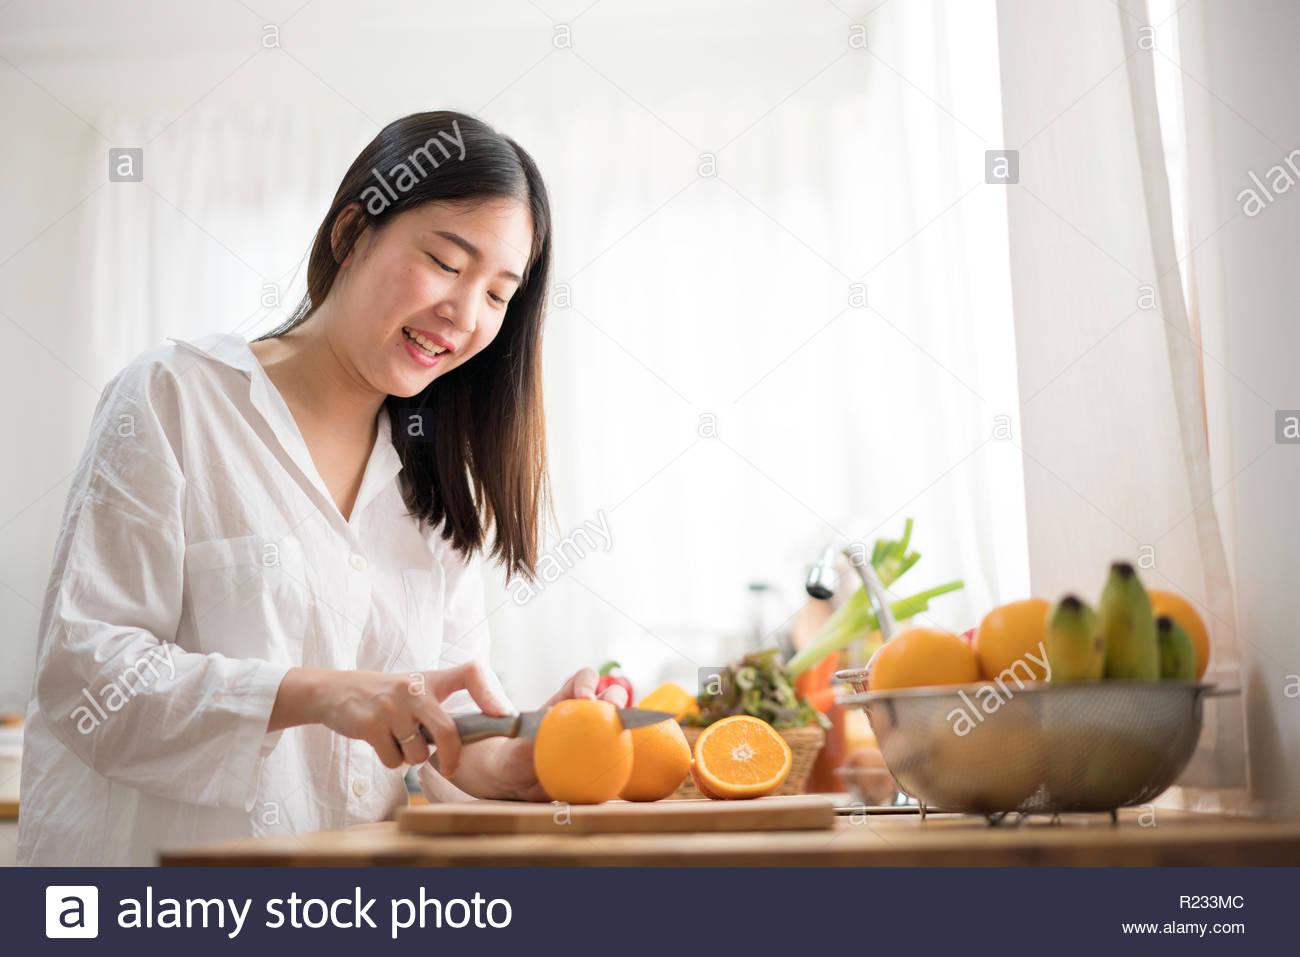 Zugeschnittenes Bild der alten Frau schneiden Obst in der Küche. Gesundes Essen. Obstsalat Vorbereitung Stockbild